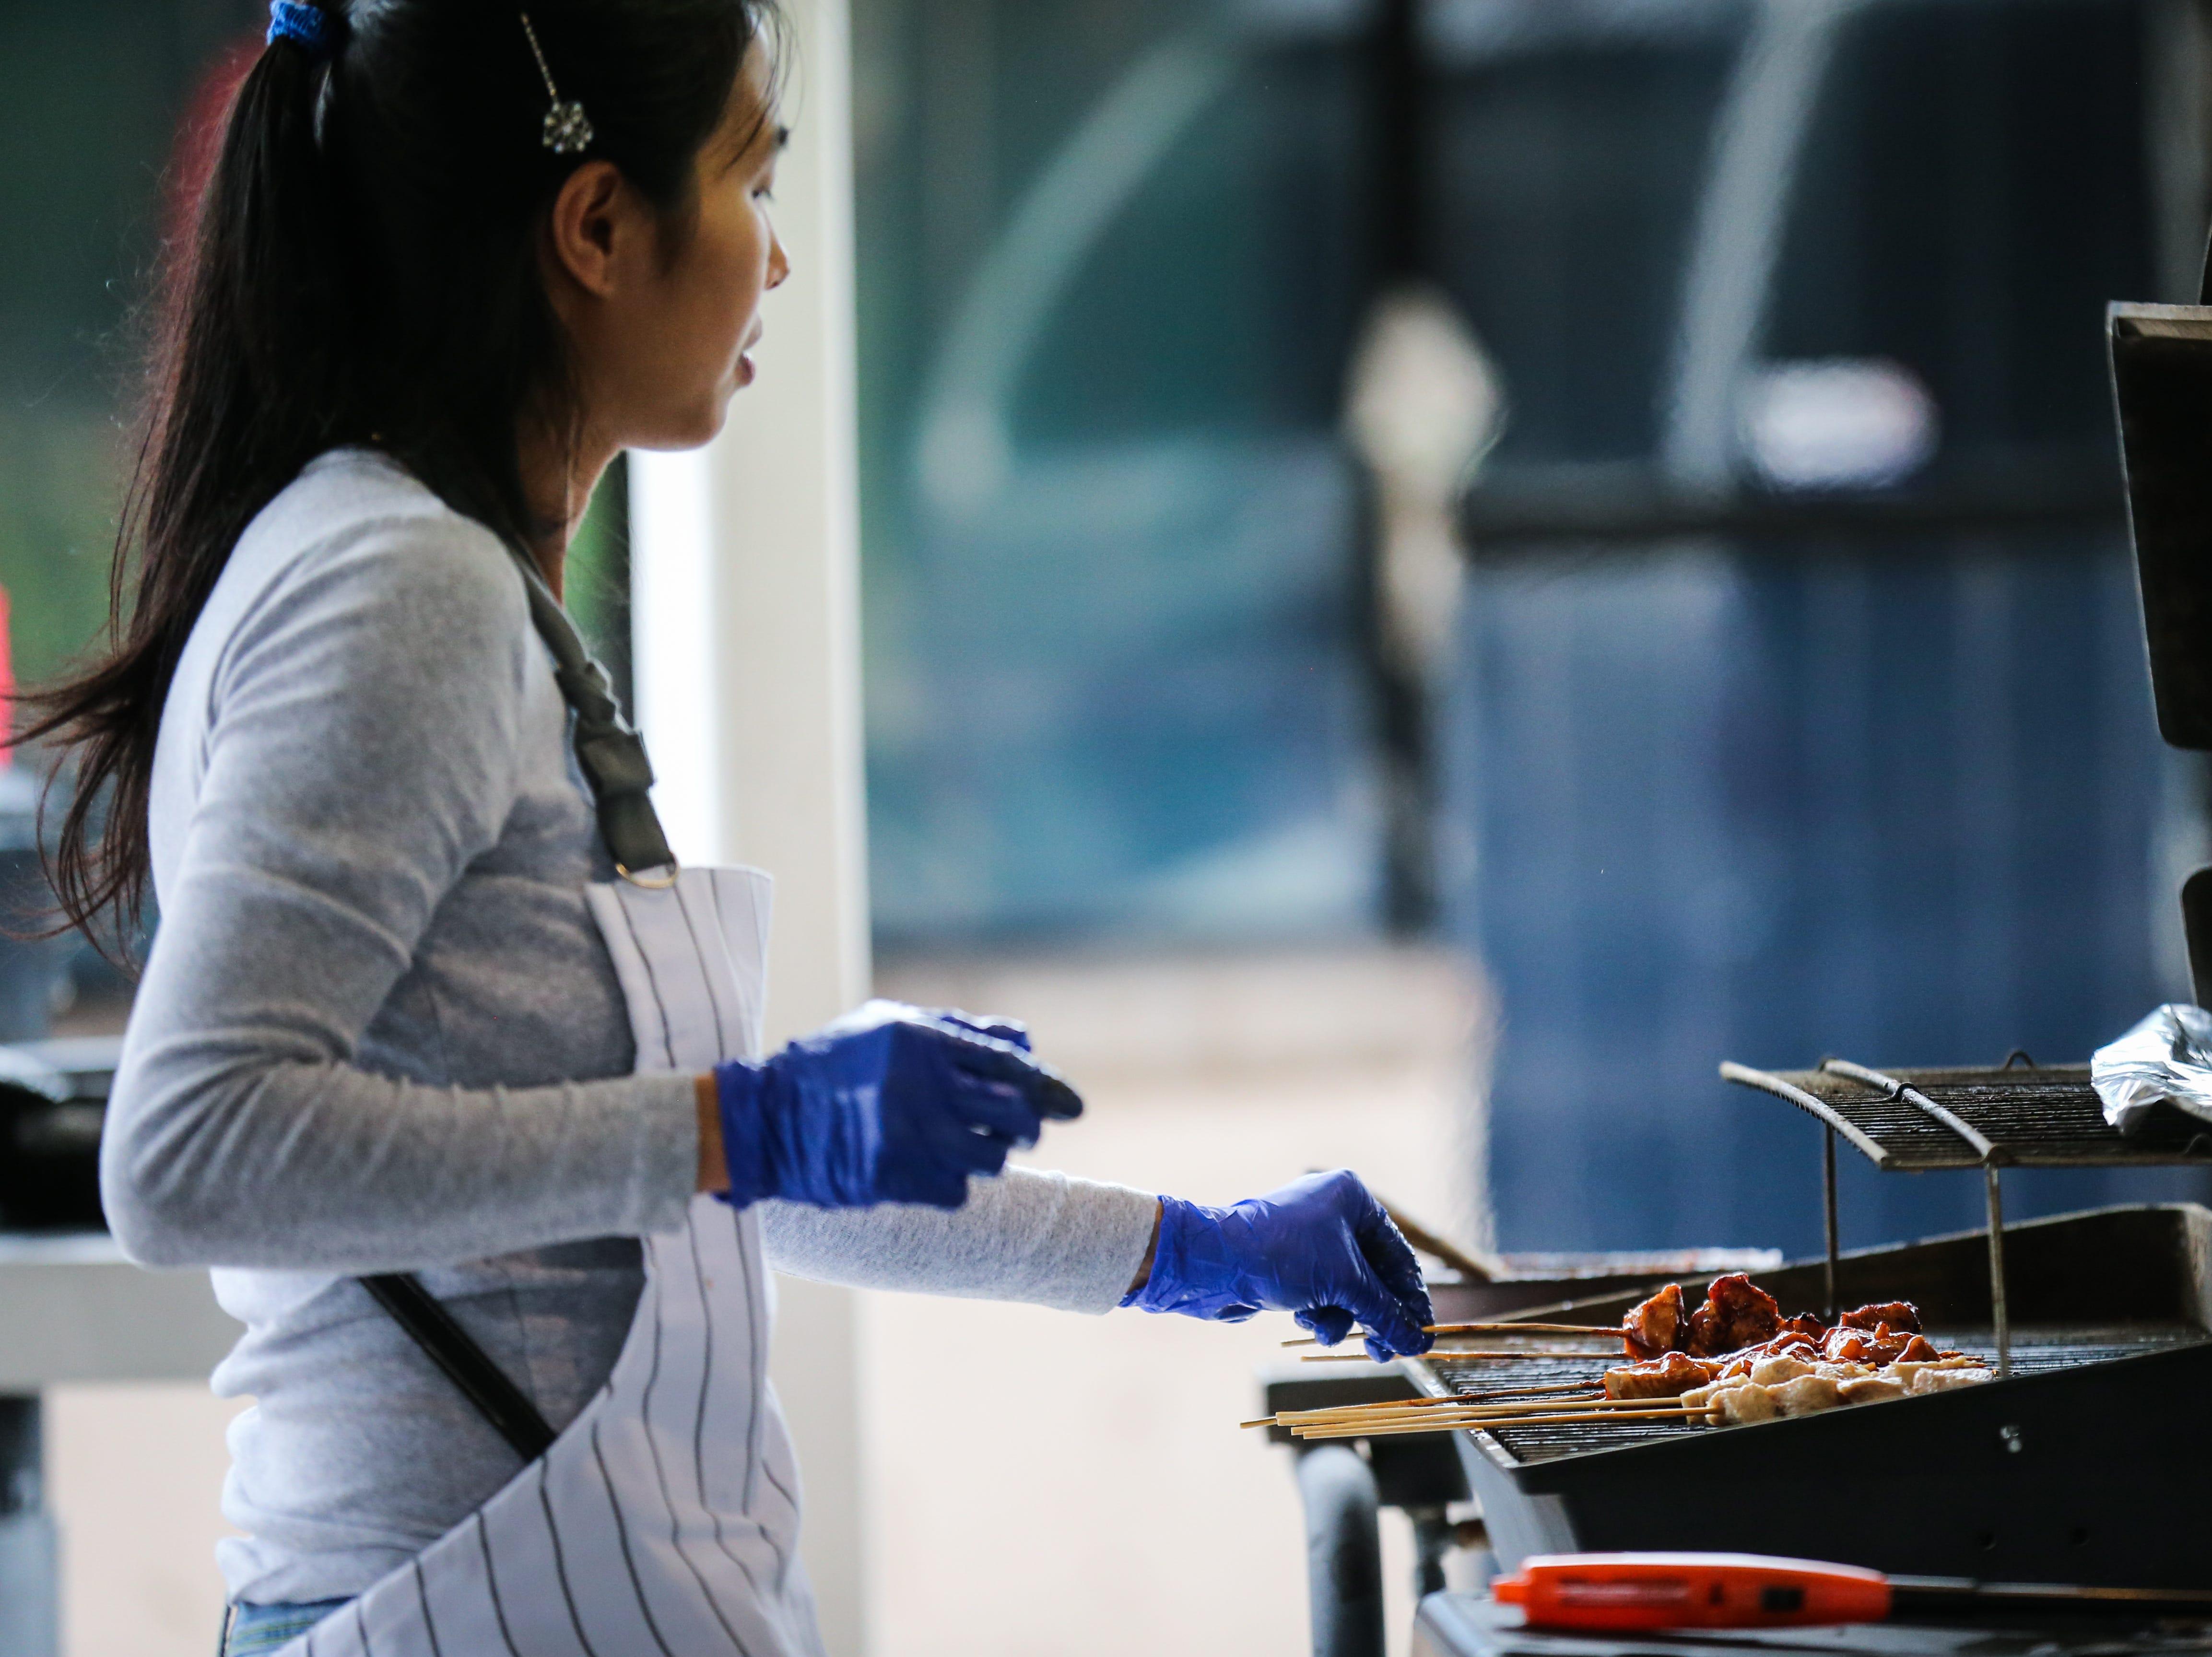 A vendor grills up meat during the Asian Bazaar Saturday, Oct. 20, 2018, at El Paseo de Santa Angela.